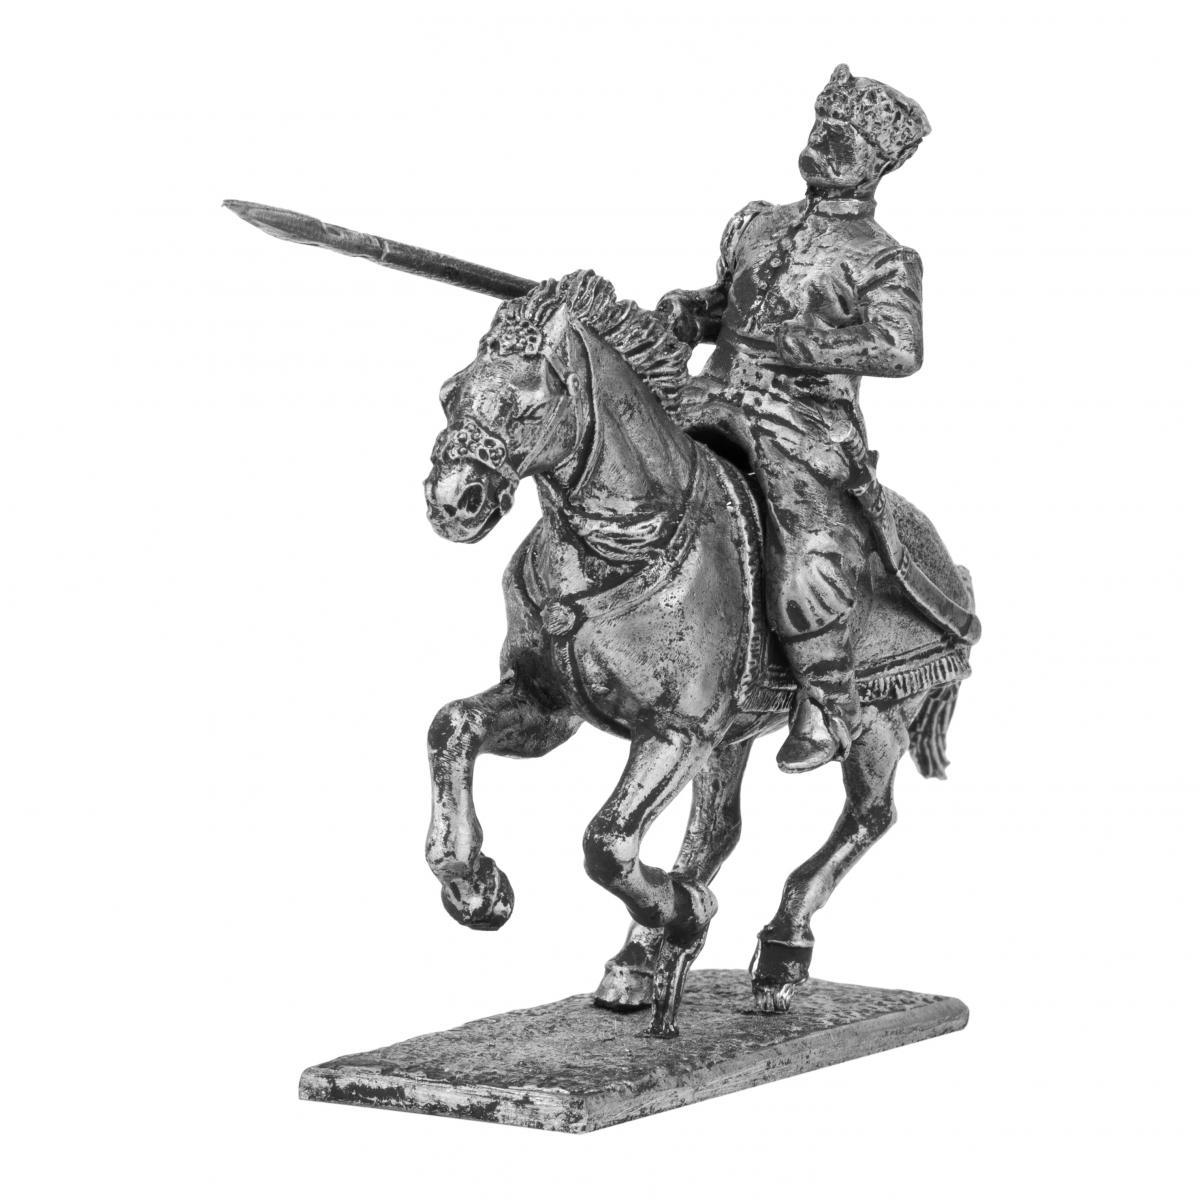 Фигурка казака с списем на коне XVII века.